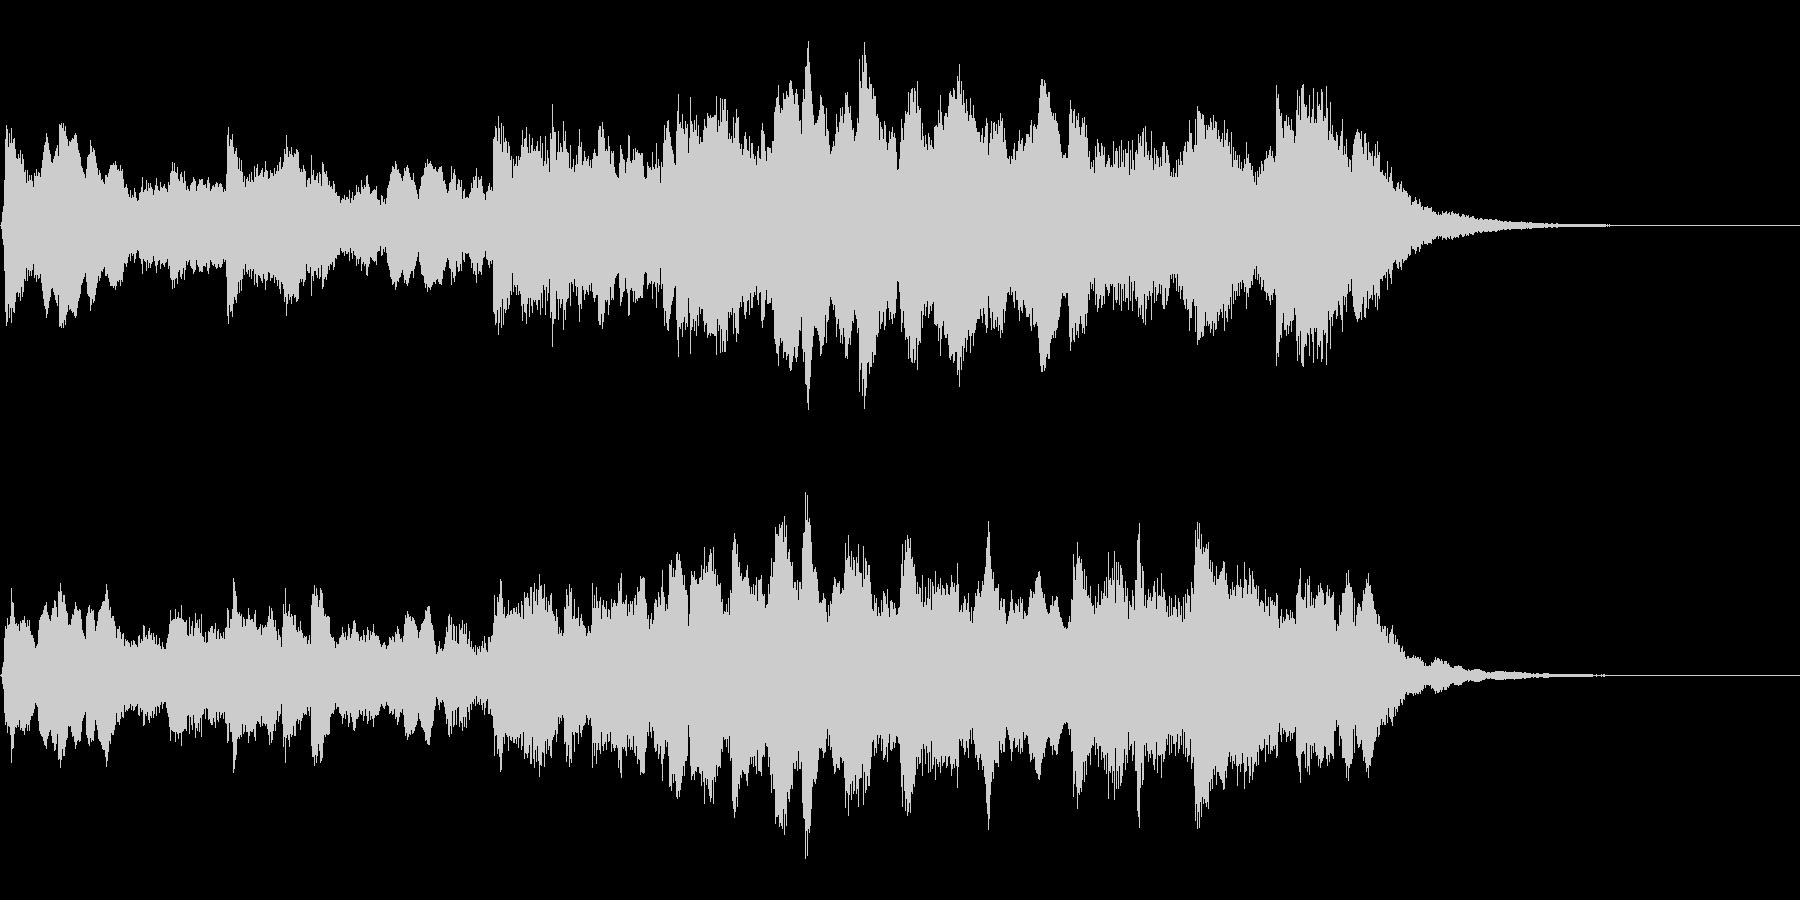 ハープソロ ノスタルジーの未再生の波形